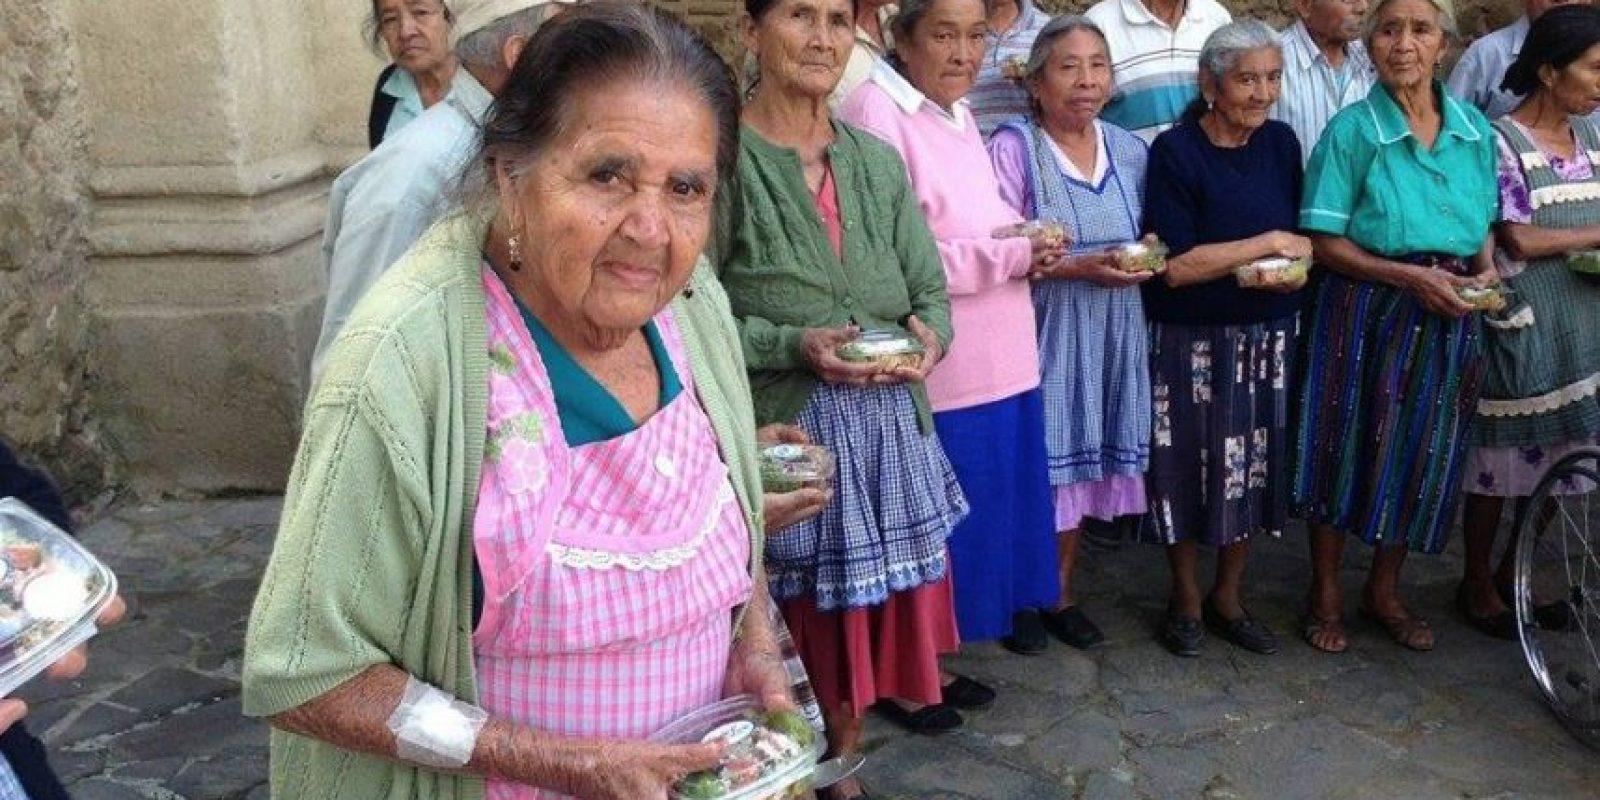 Foto:Cortesía Embutidos Santa Lucía